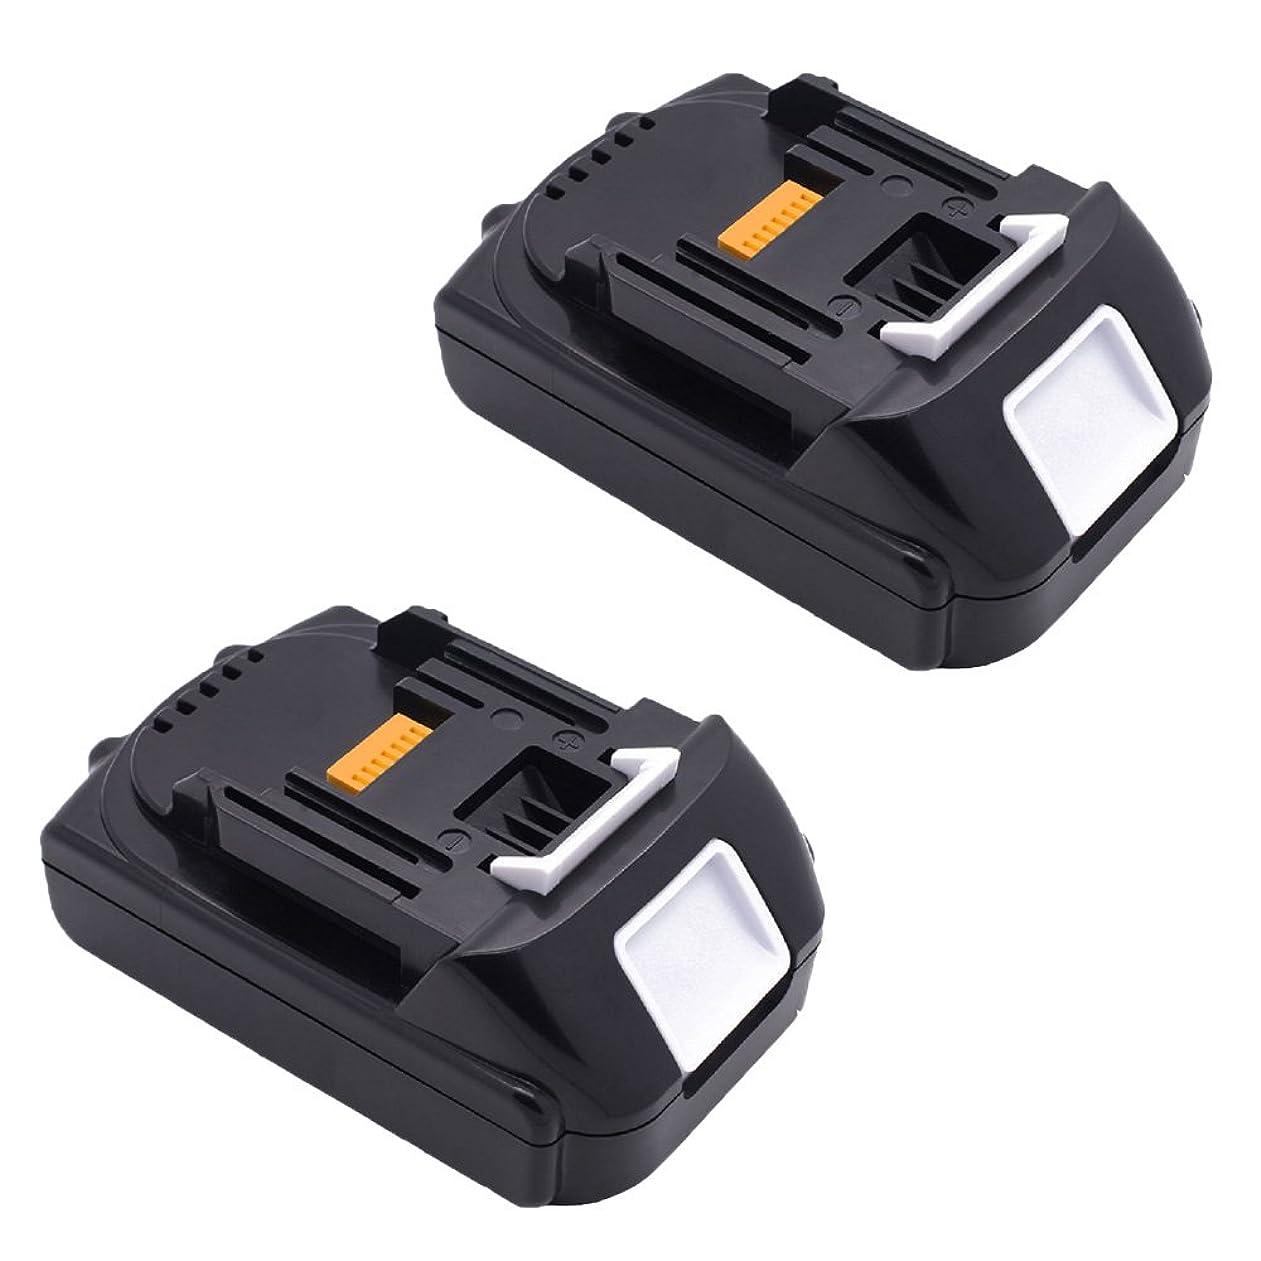 不調和批判入手します2個セット マキタ 18V マキタ互換バッテリー 18v マキタ 18v バッテリー BL1815 BL1820 BL1830 BL1840 BL1850 BL1860 BL1860b バッテリー 1500mah マキタ 18V 電動工具用 互換バッテリー 1年間保証!